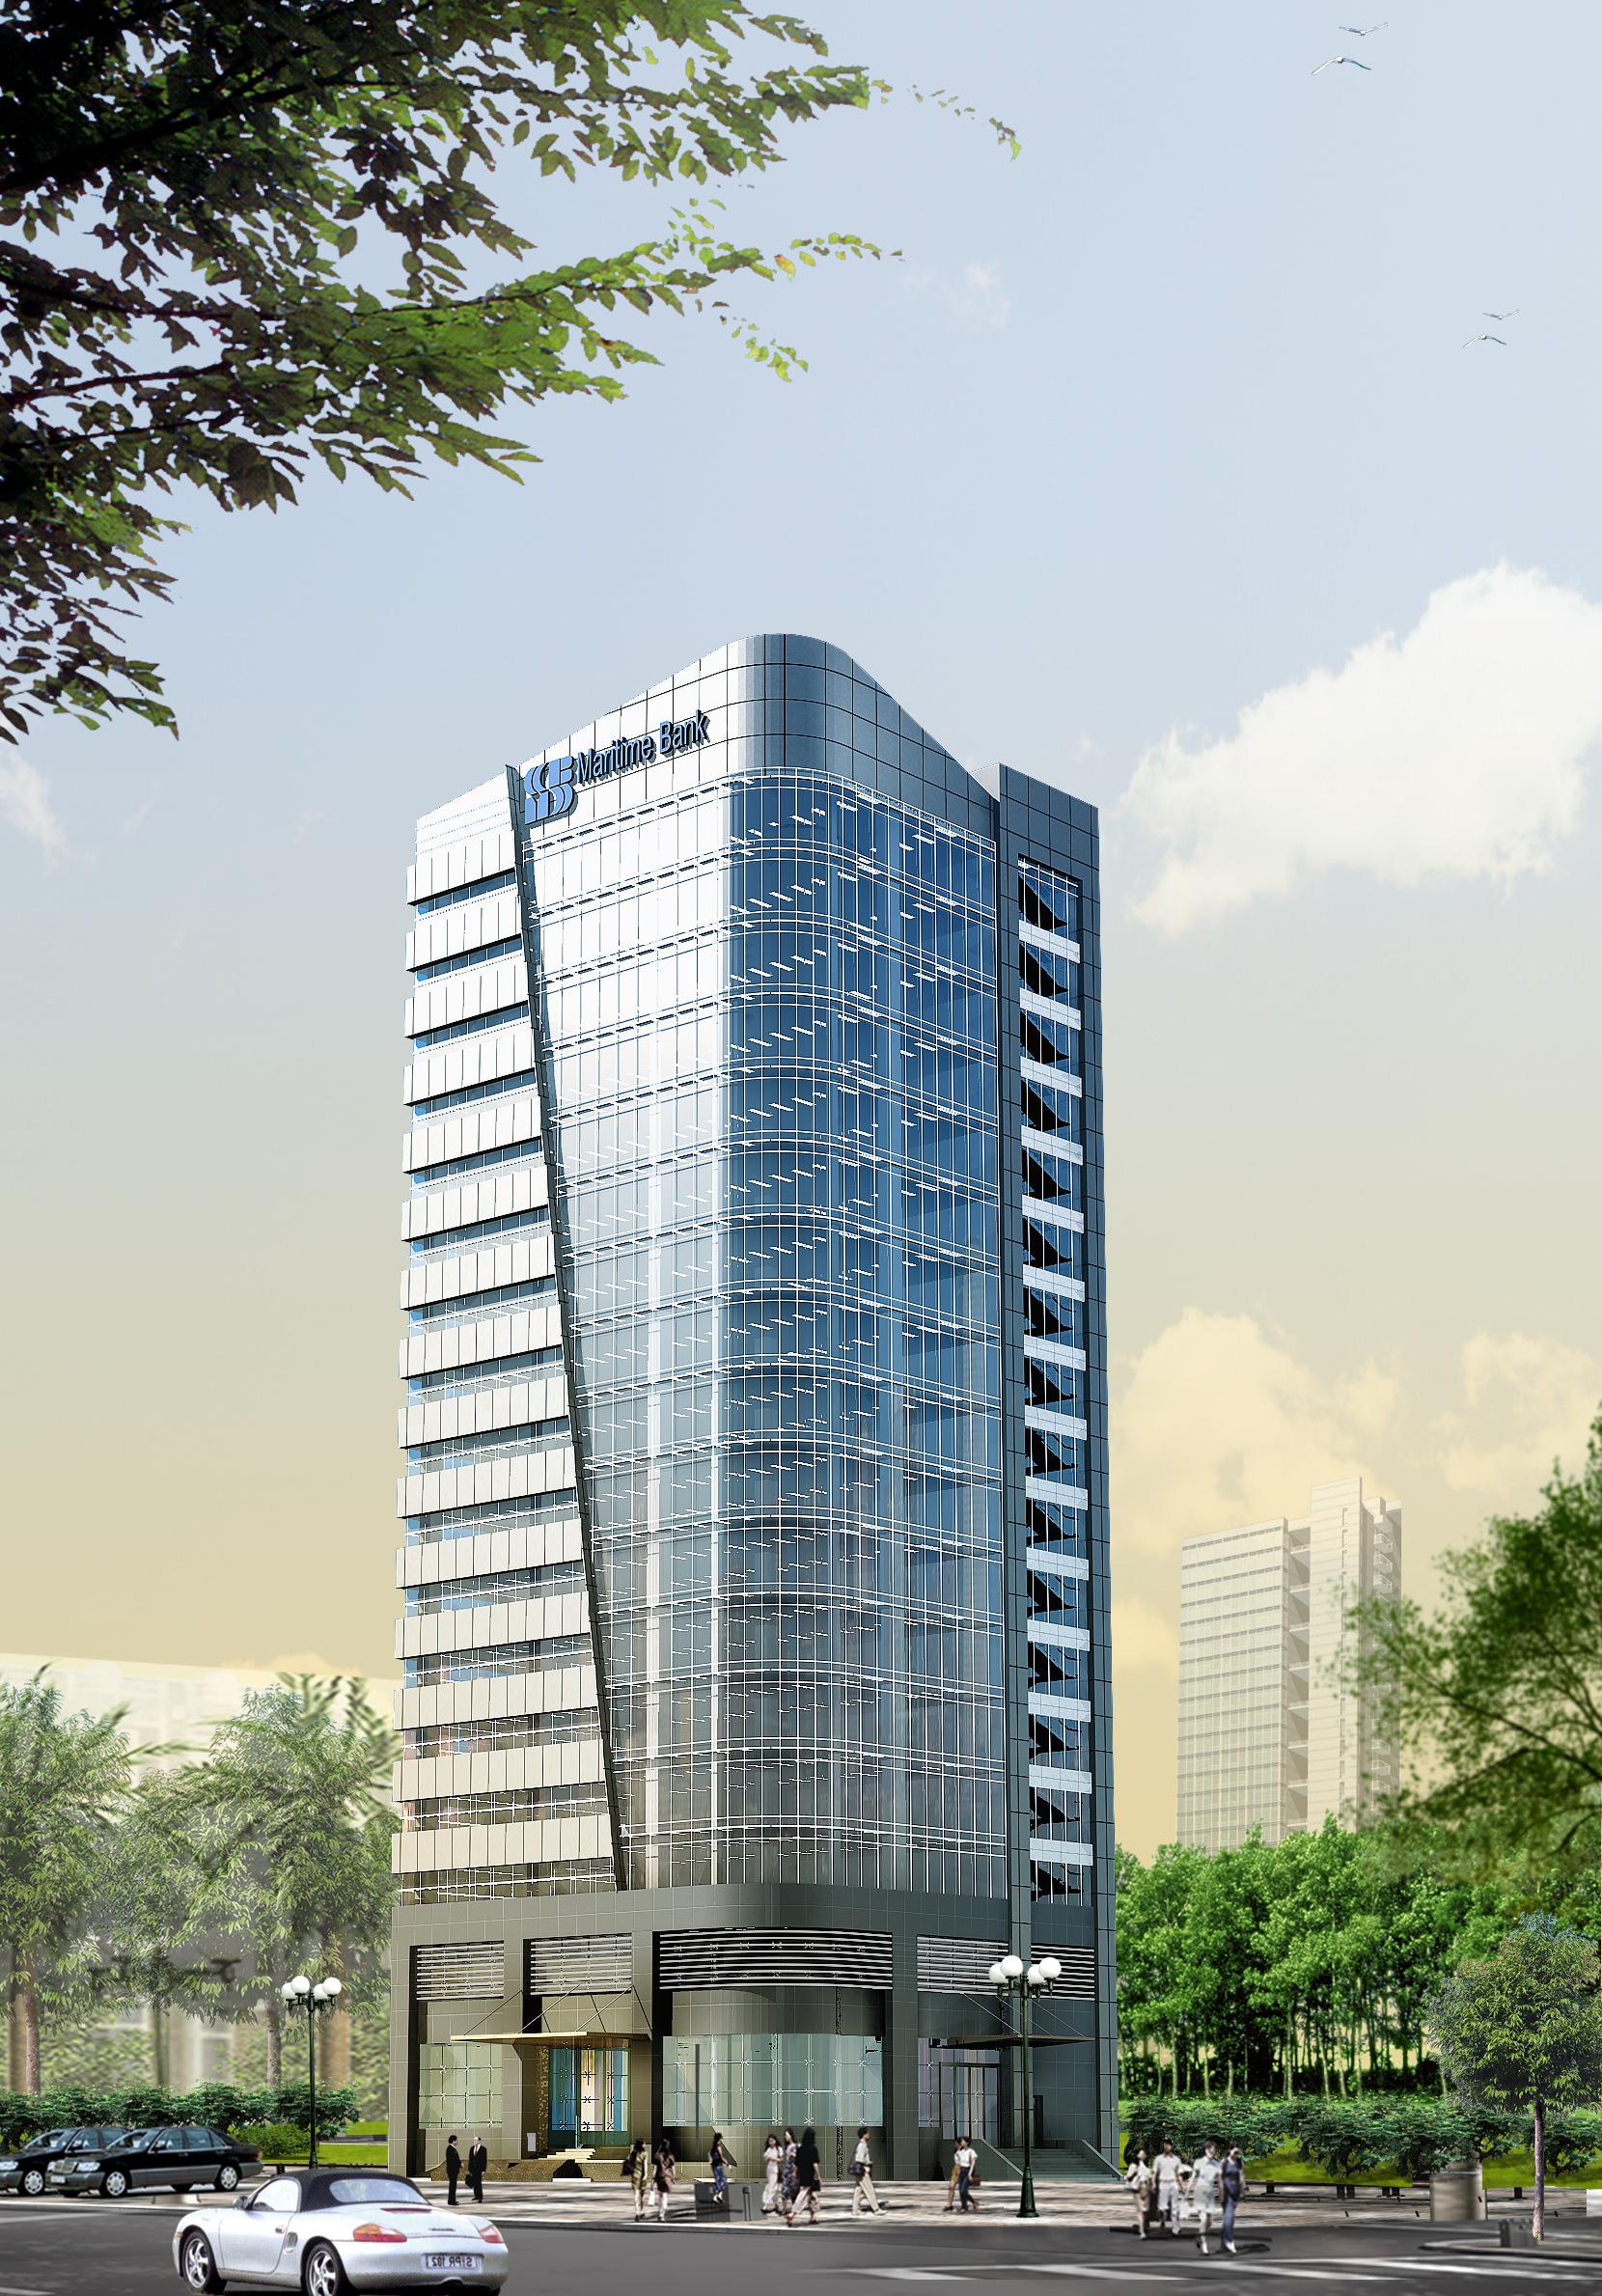 3d models skyscraper bank building 3d model max obj mtl - 3d max models free download exterior ...